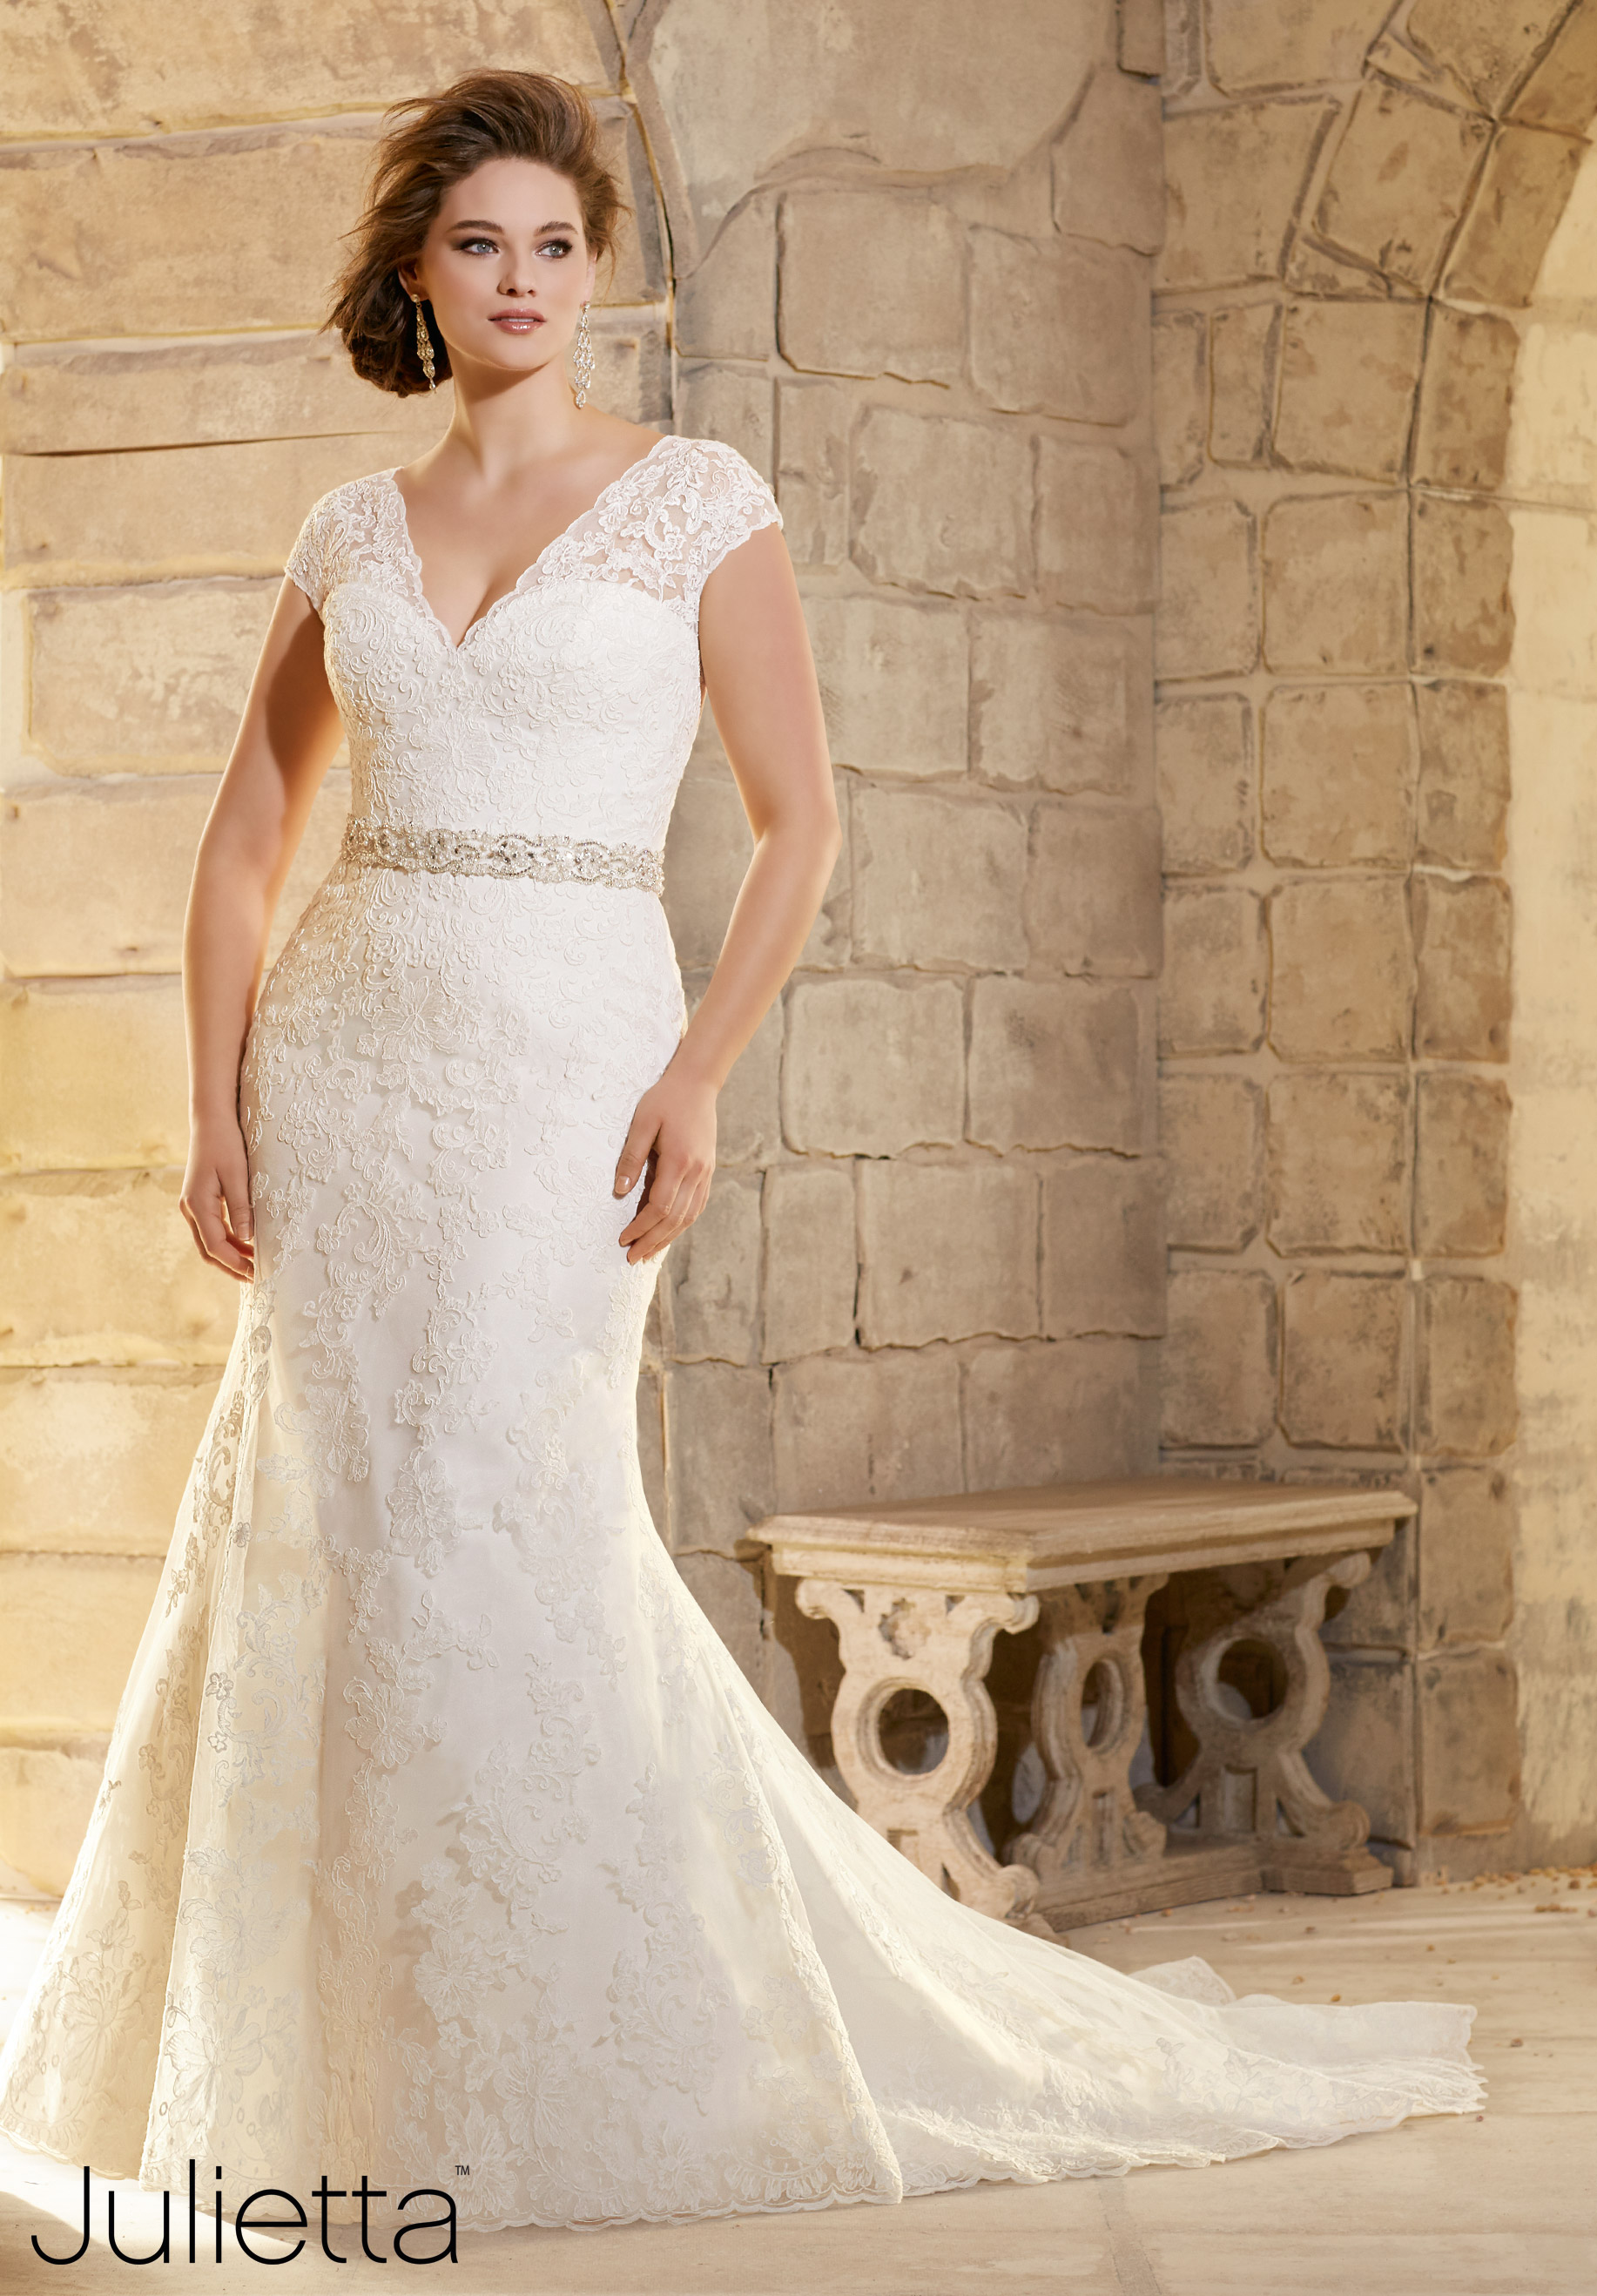 Julietta Style No. 3183